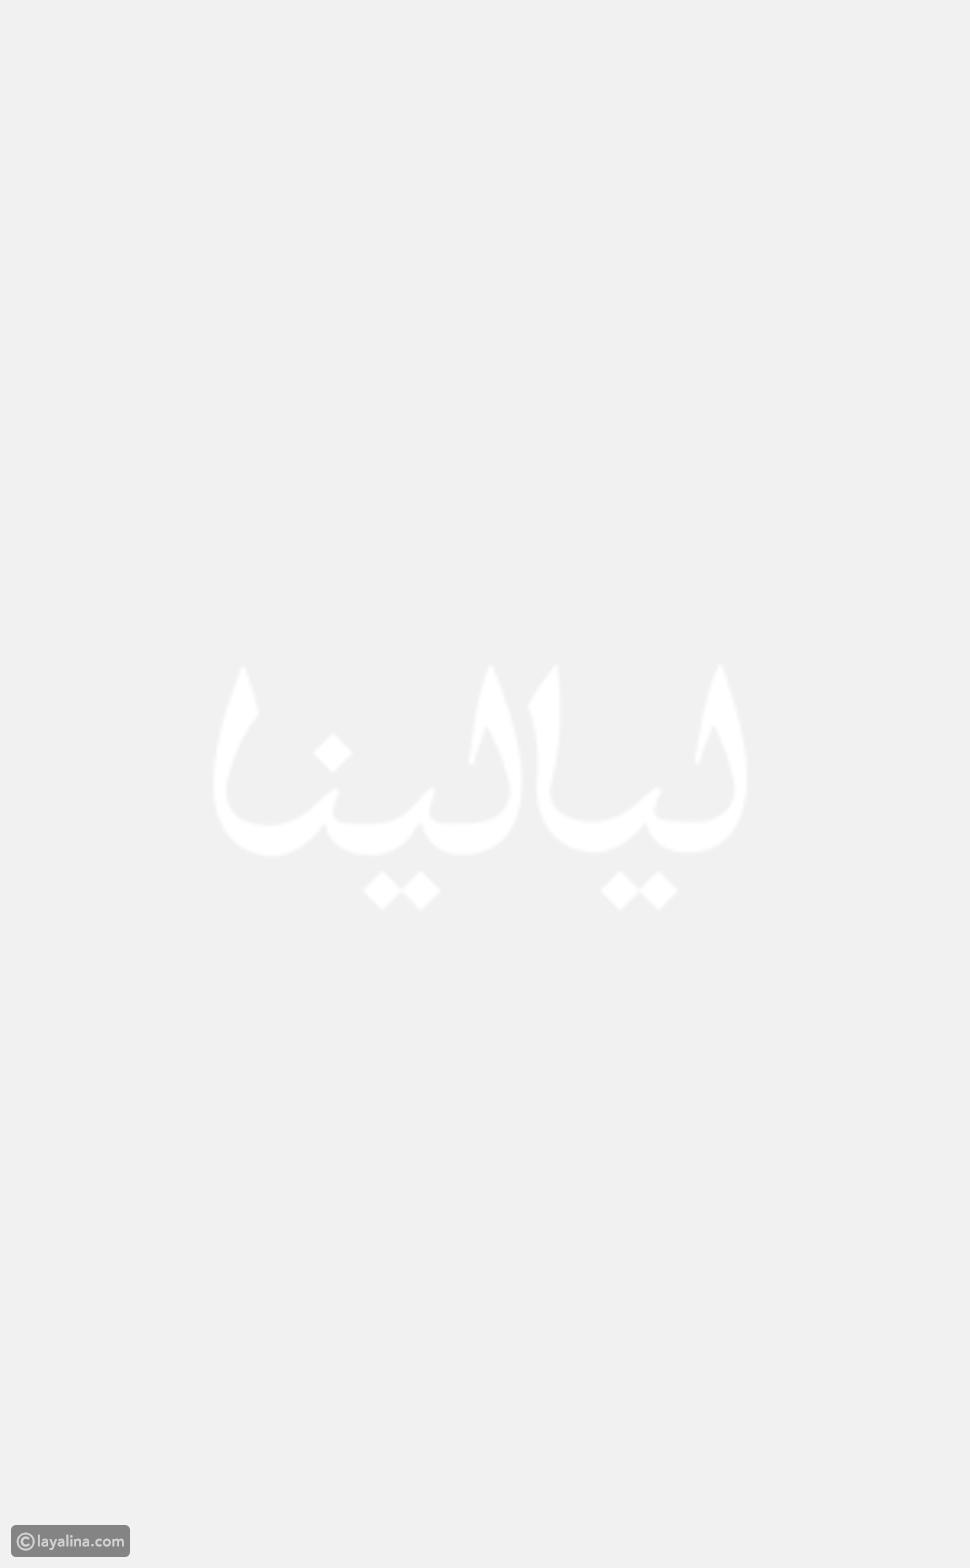 ما الذي يجمع الشيخ حمدان آل مكتوم وفايز السعيد ومحمد عبده؟